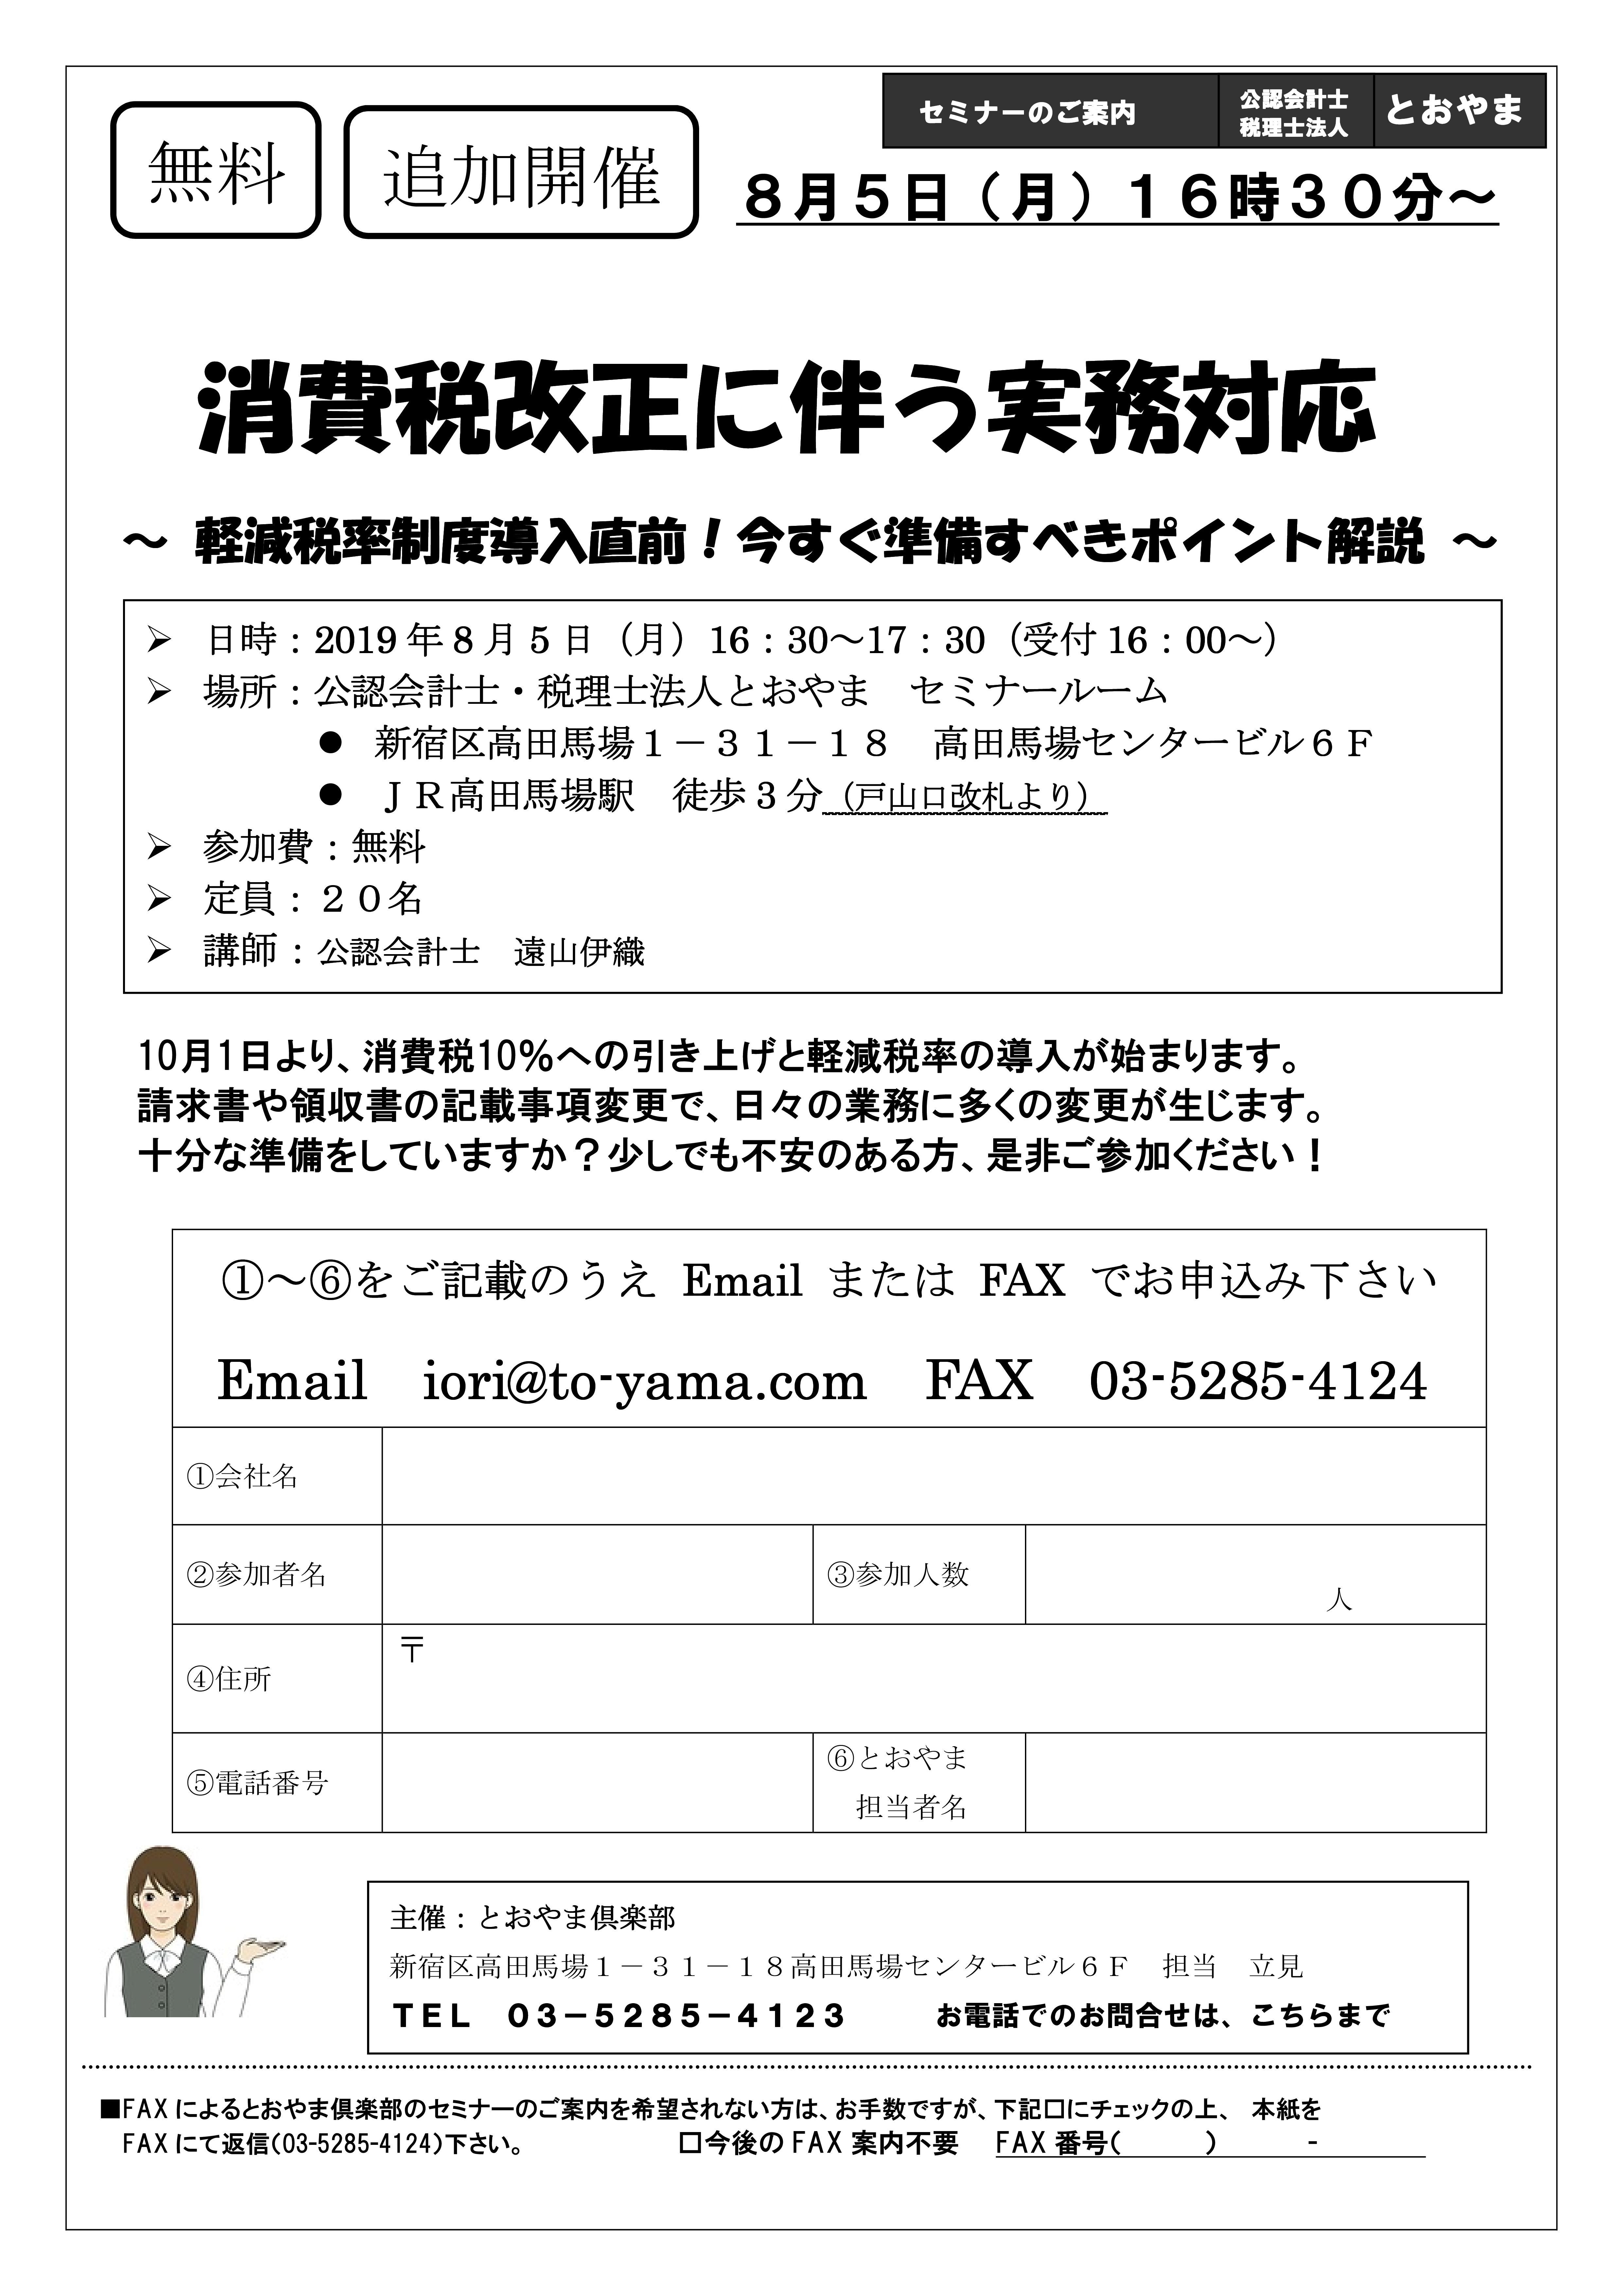 【満員御礼】8月5日開催 消費税改正に伴う実務対応